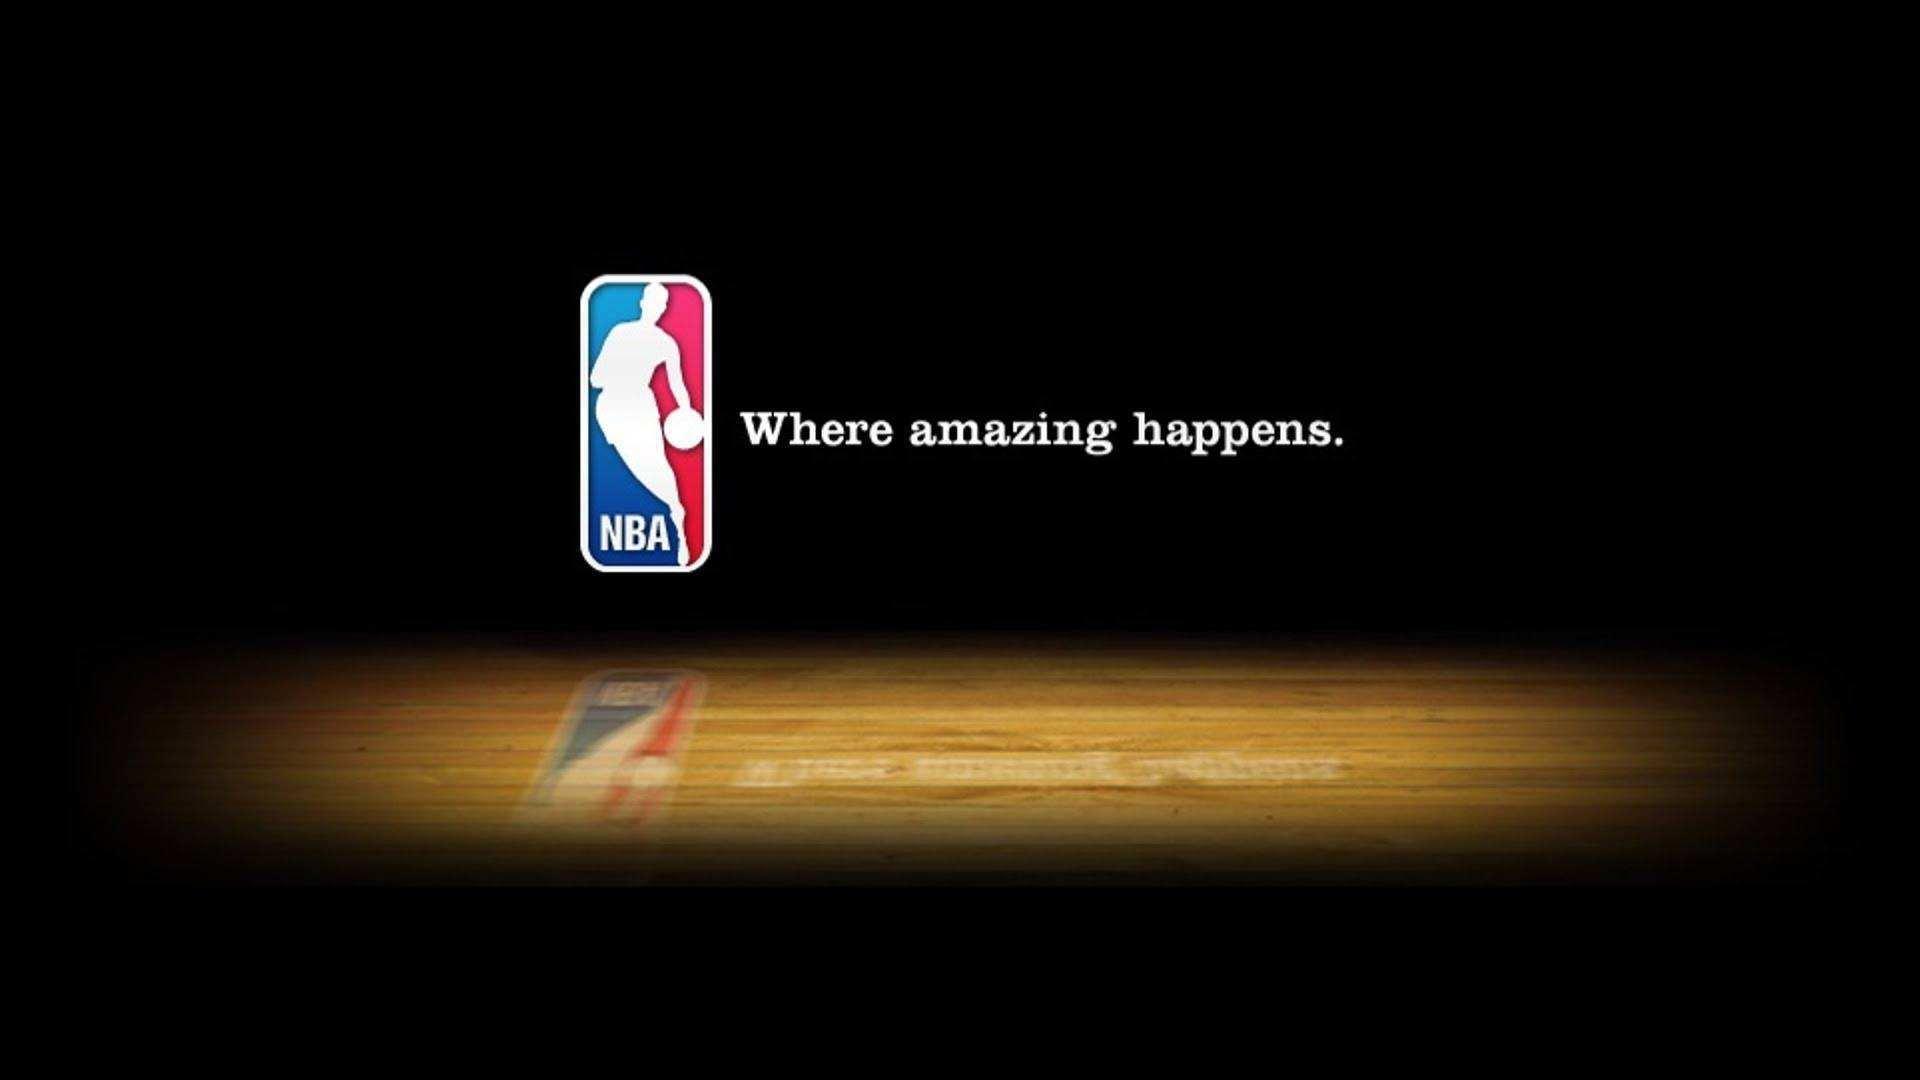 NBA東西區格局一覽:西區球隊深陷泥潭,東區兩極分化嚴重